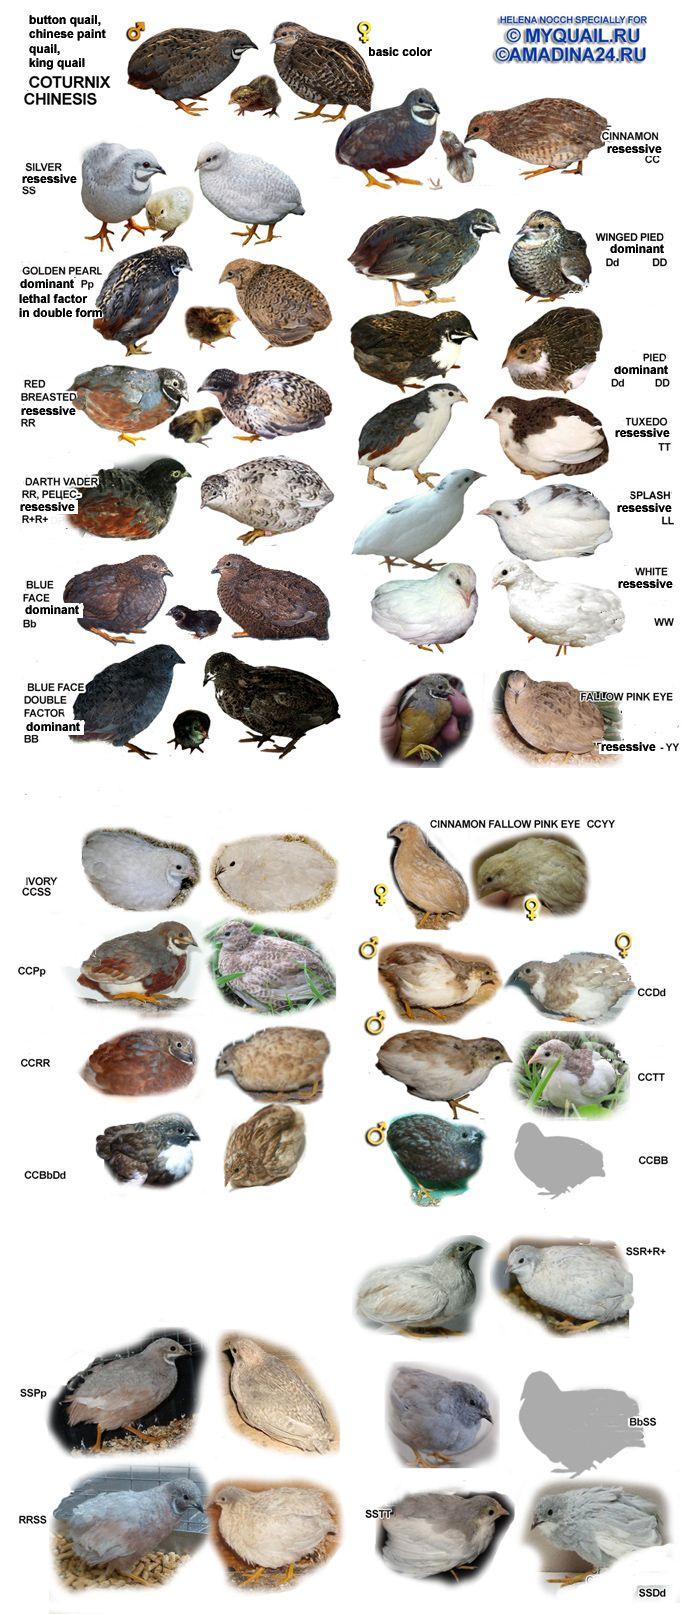 Cores da codorna chinesa (Coturnix chinensis). King quail. Button quail. Imagem do site: Myquail.ru